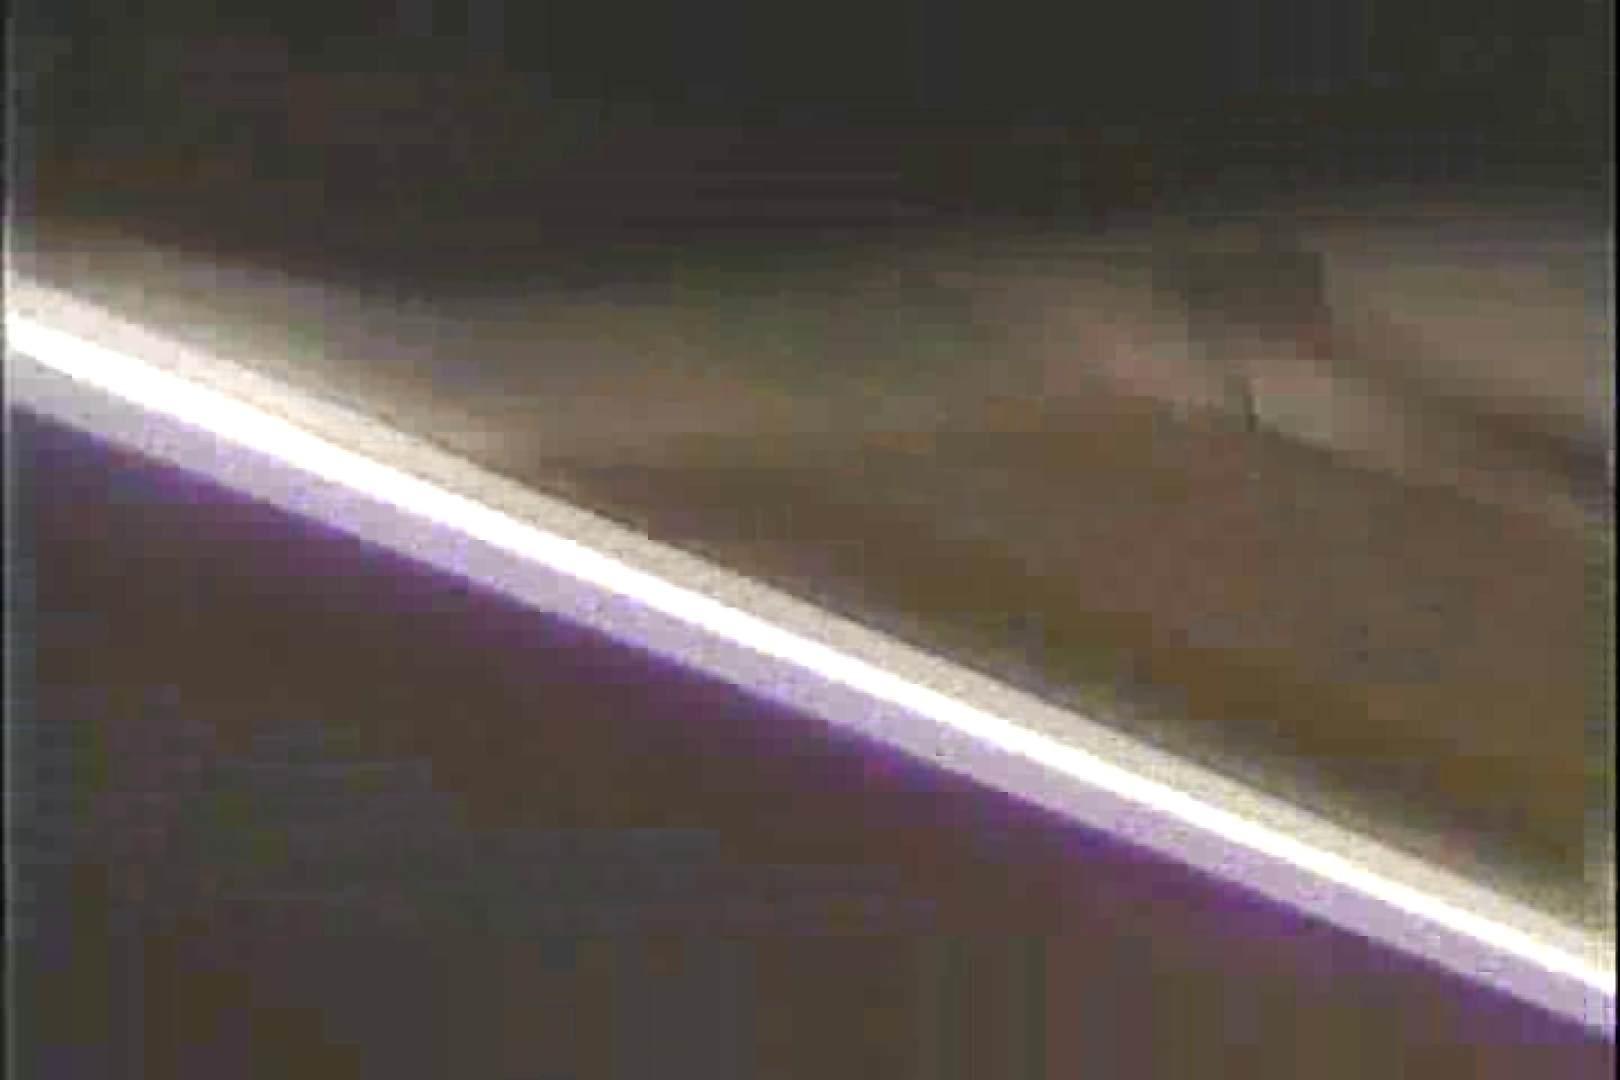 「ちくりん」さんのオリジナル未編集パンチラVol.3_01 OLの実態  103pic 70